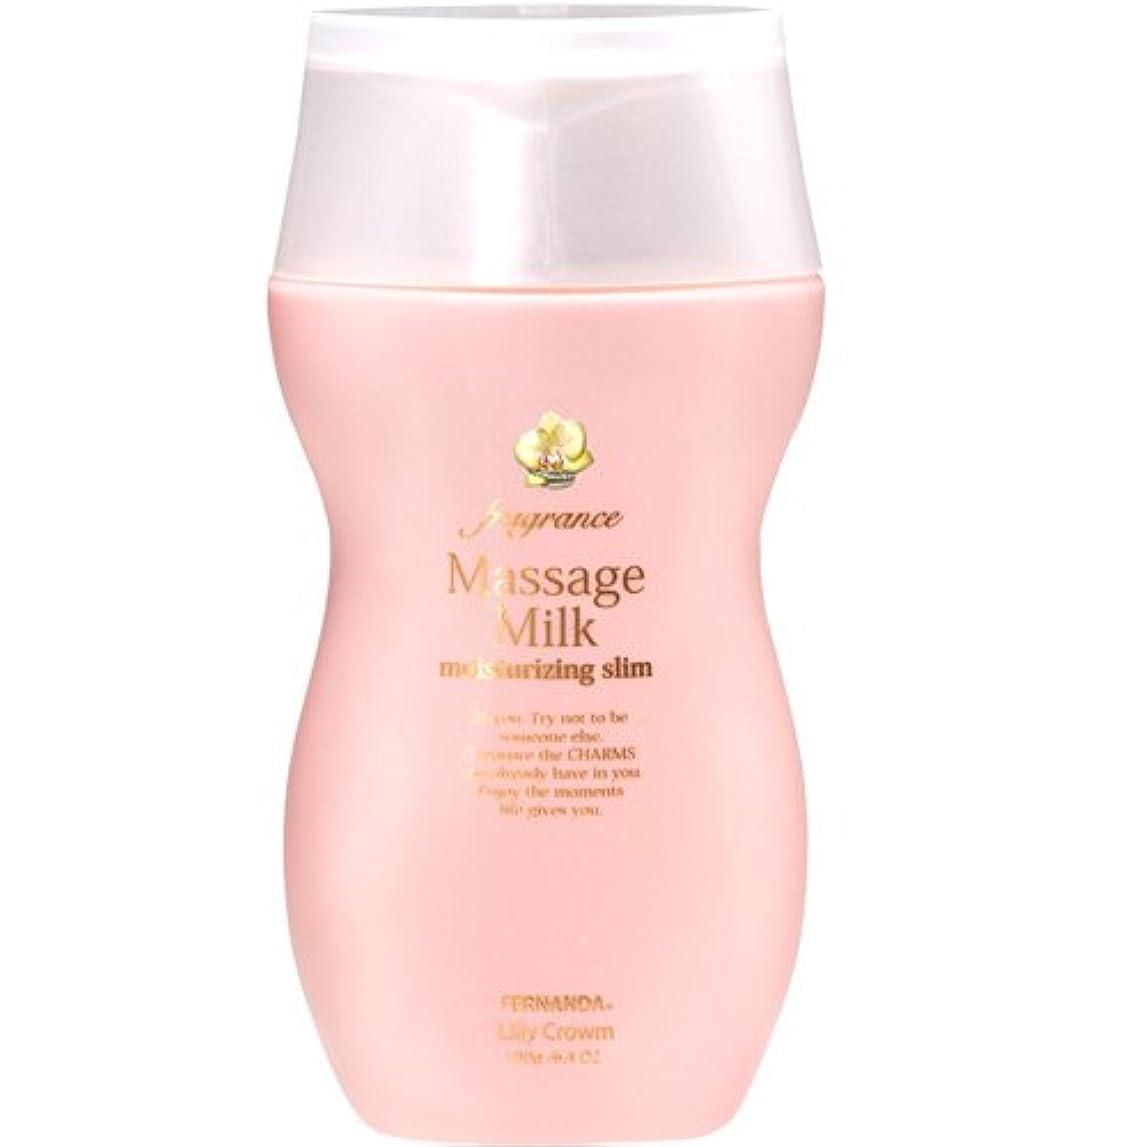 どきどき手綱解明するFERNANDA(フェルナンダ) Massage Milk Lilly Crown (マッサージミルク リリークラウン)